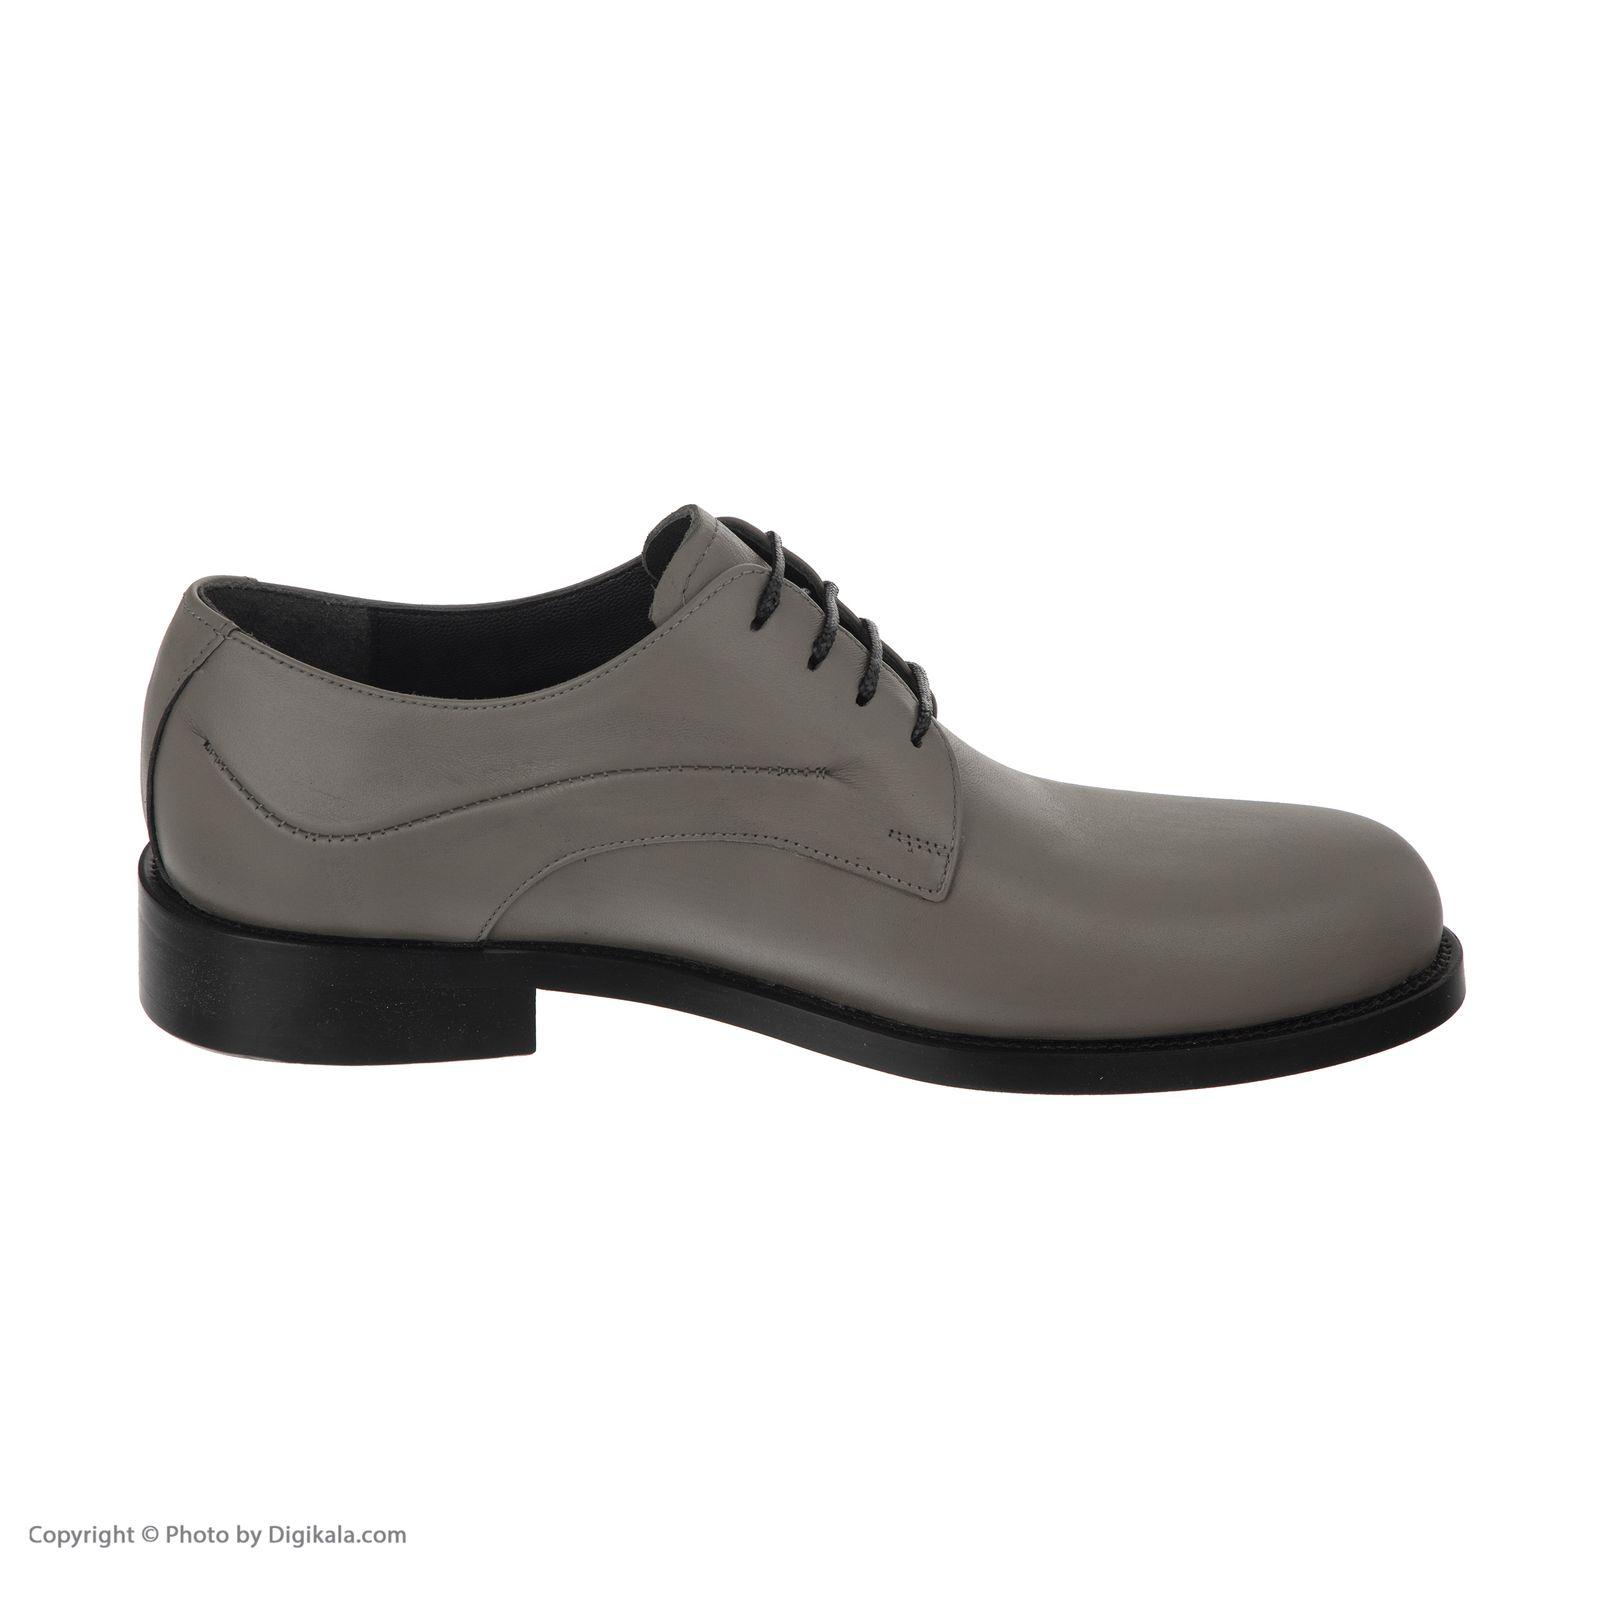 کفش مردانه آرتمن مدل Andrew-41803 -  - 4